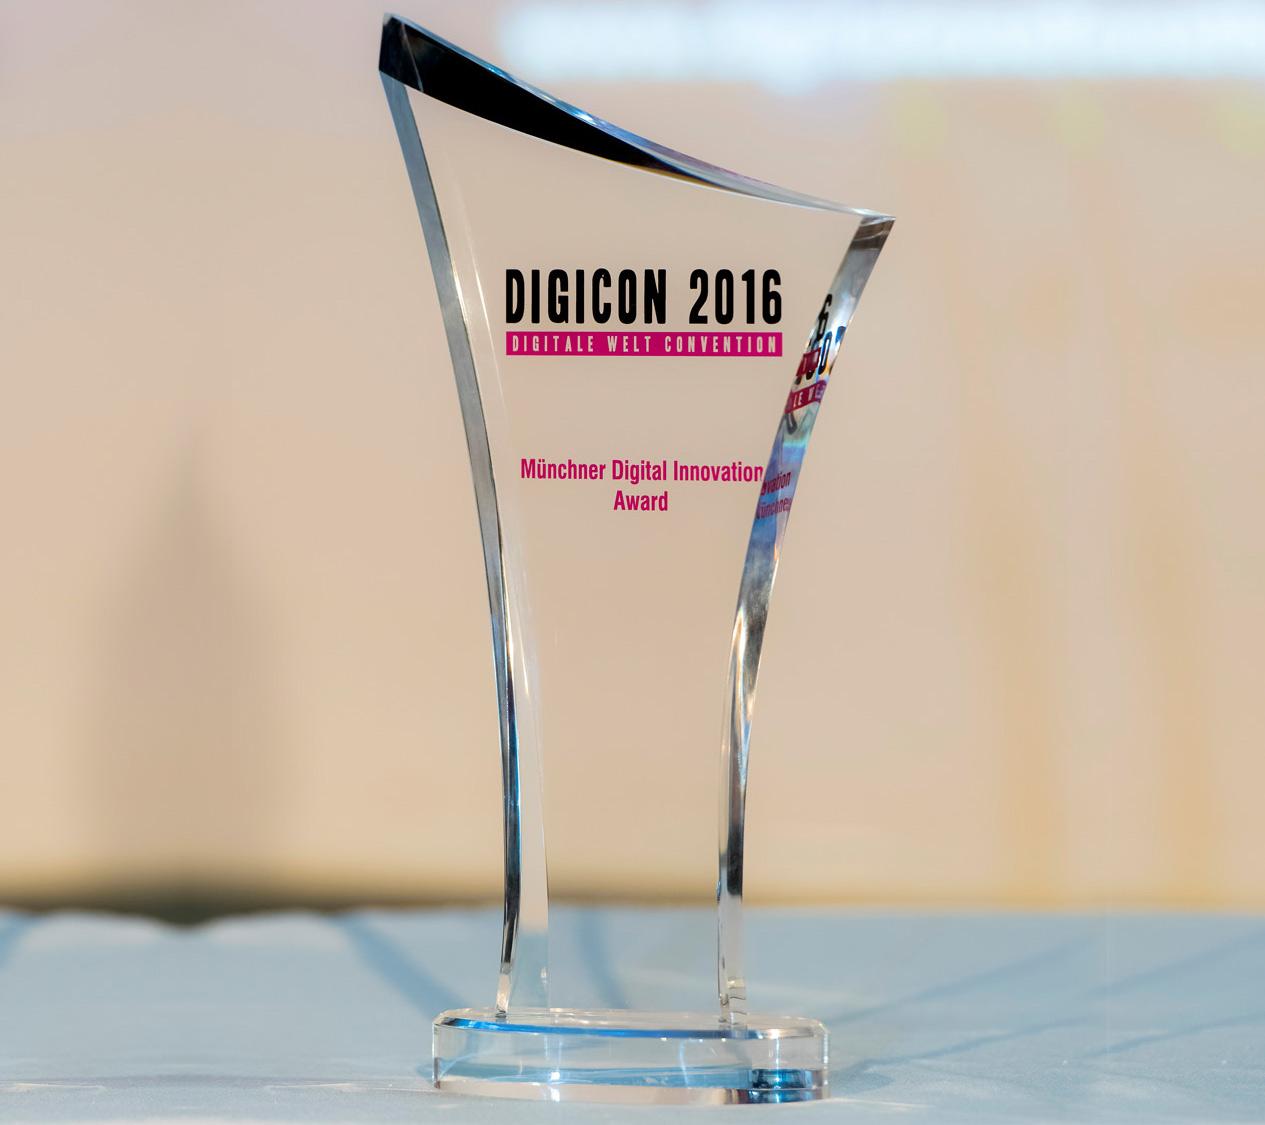 Münchner Digital Innovation Award 2016